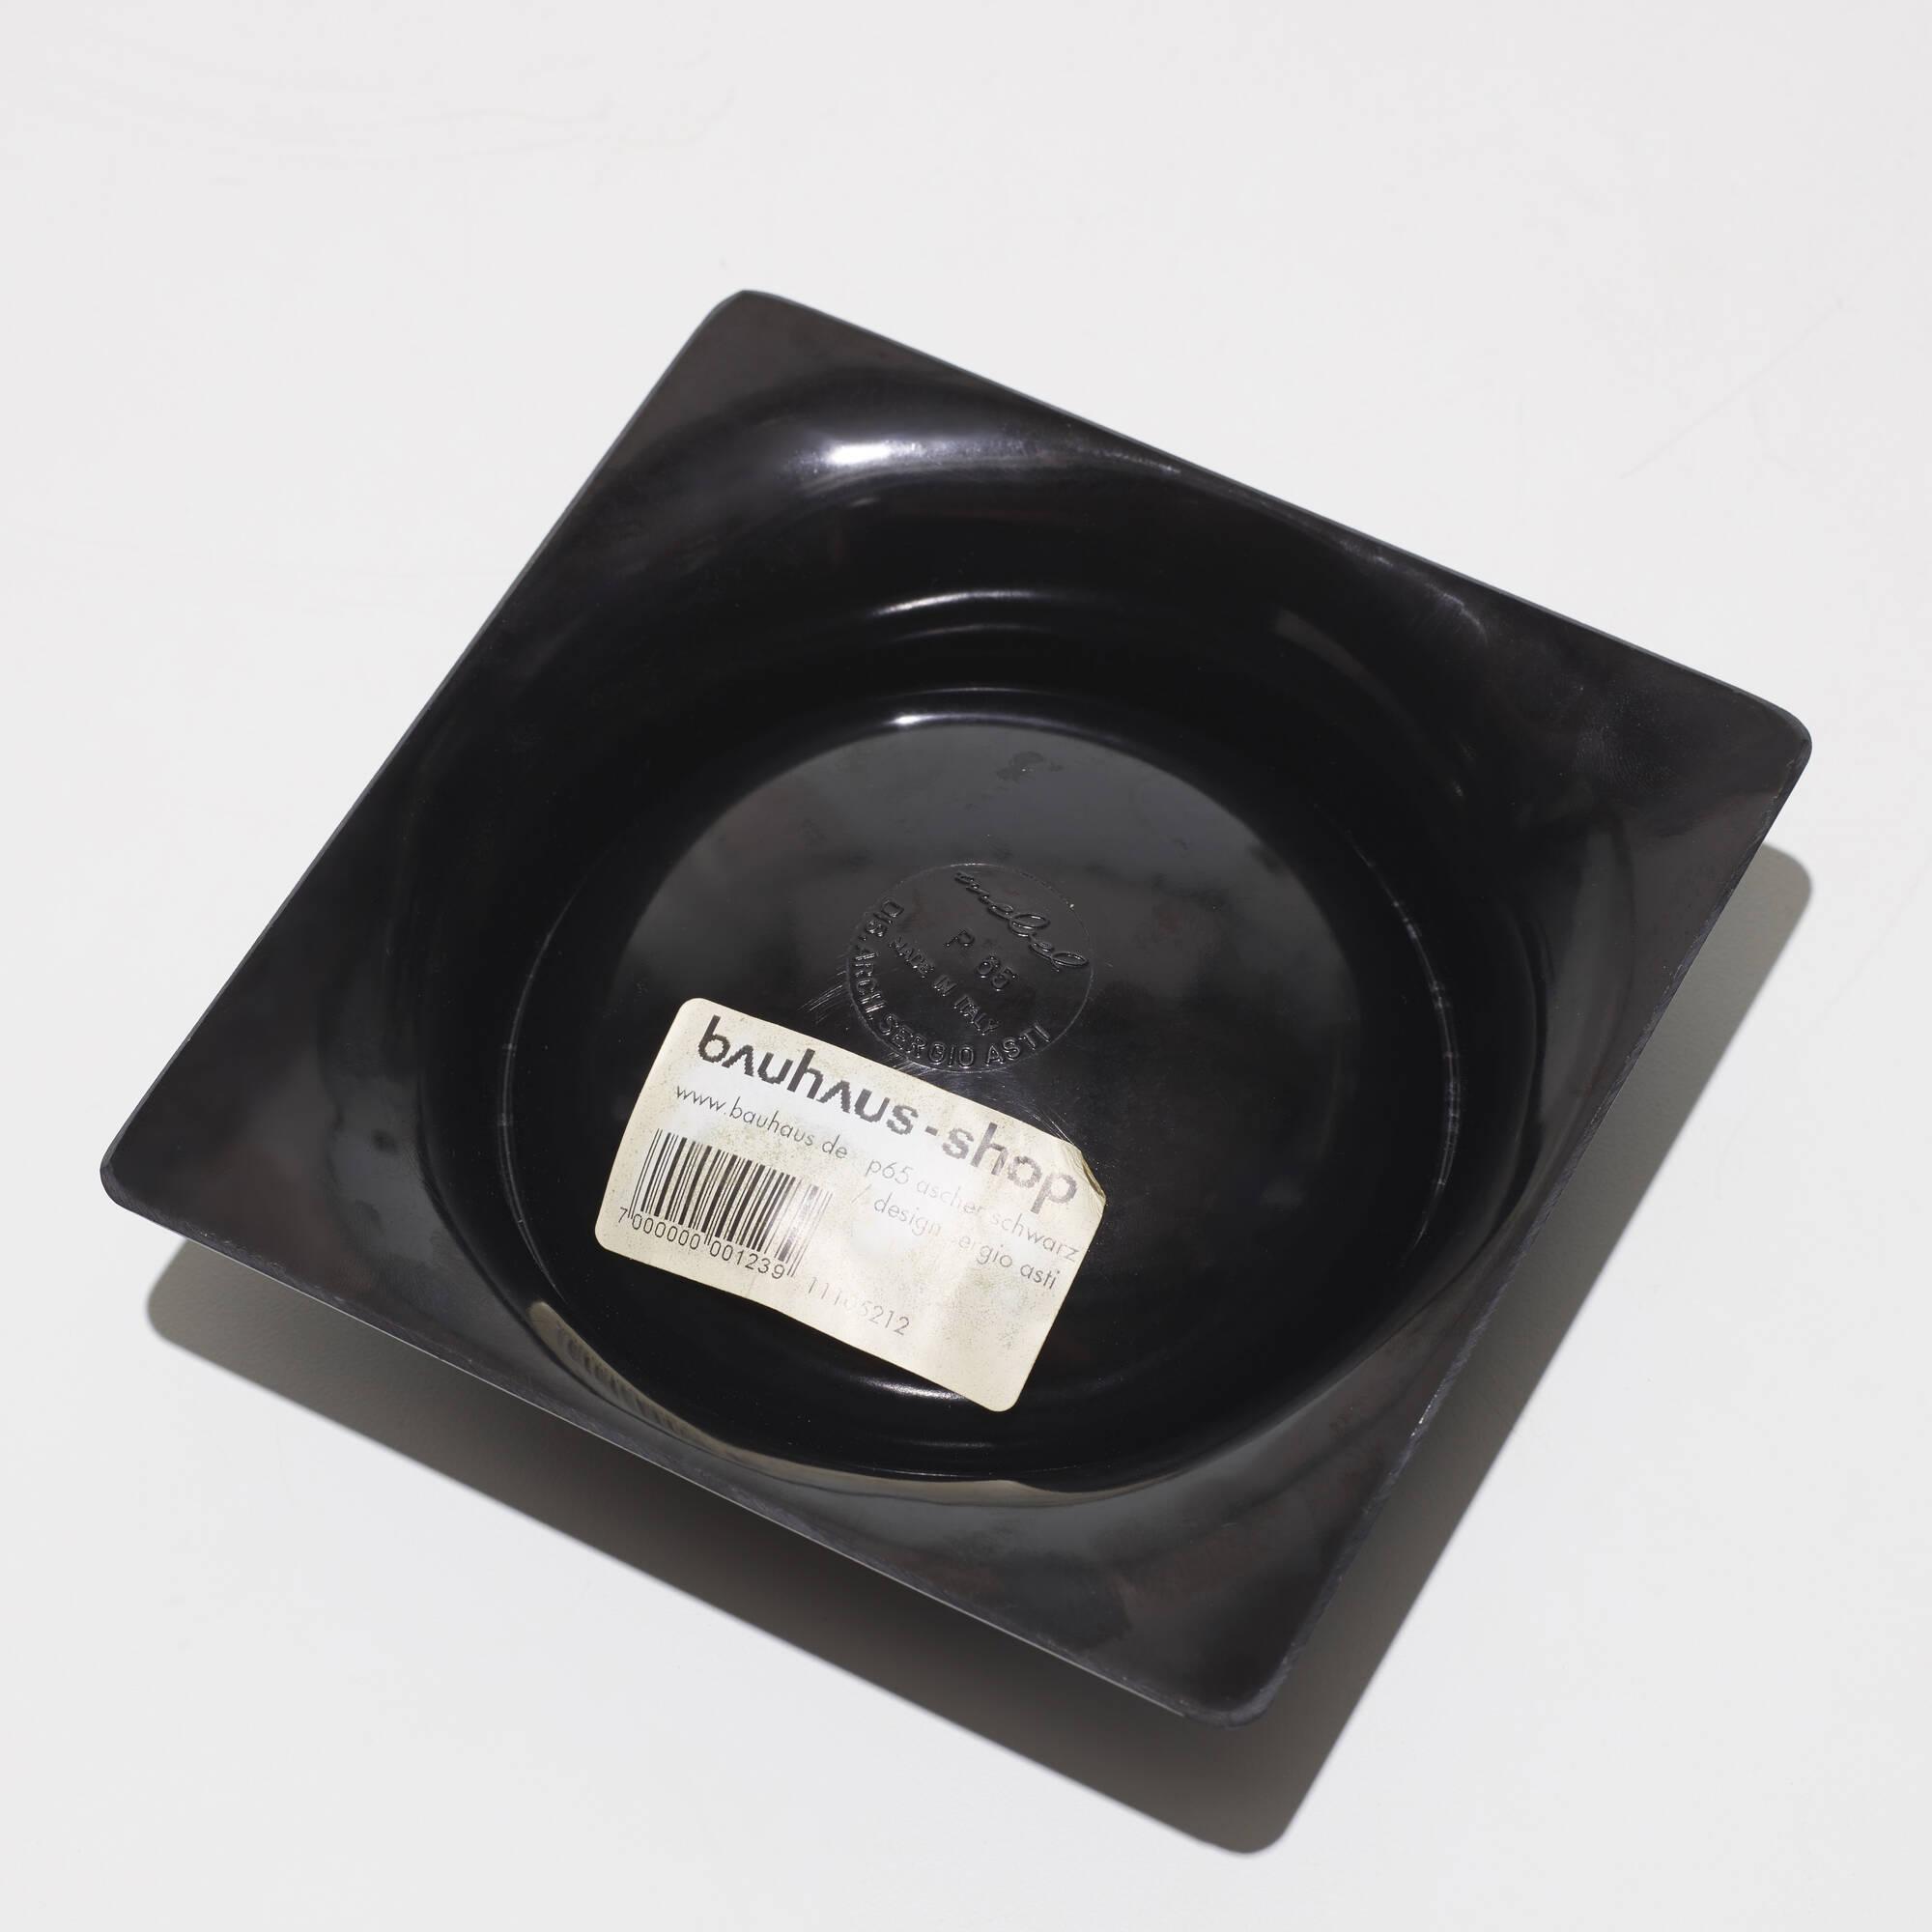 425: Sergio Asti / ashtrays, set of two (2 of 2)